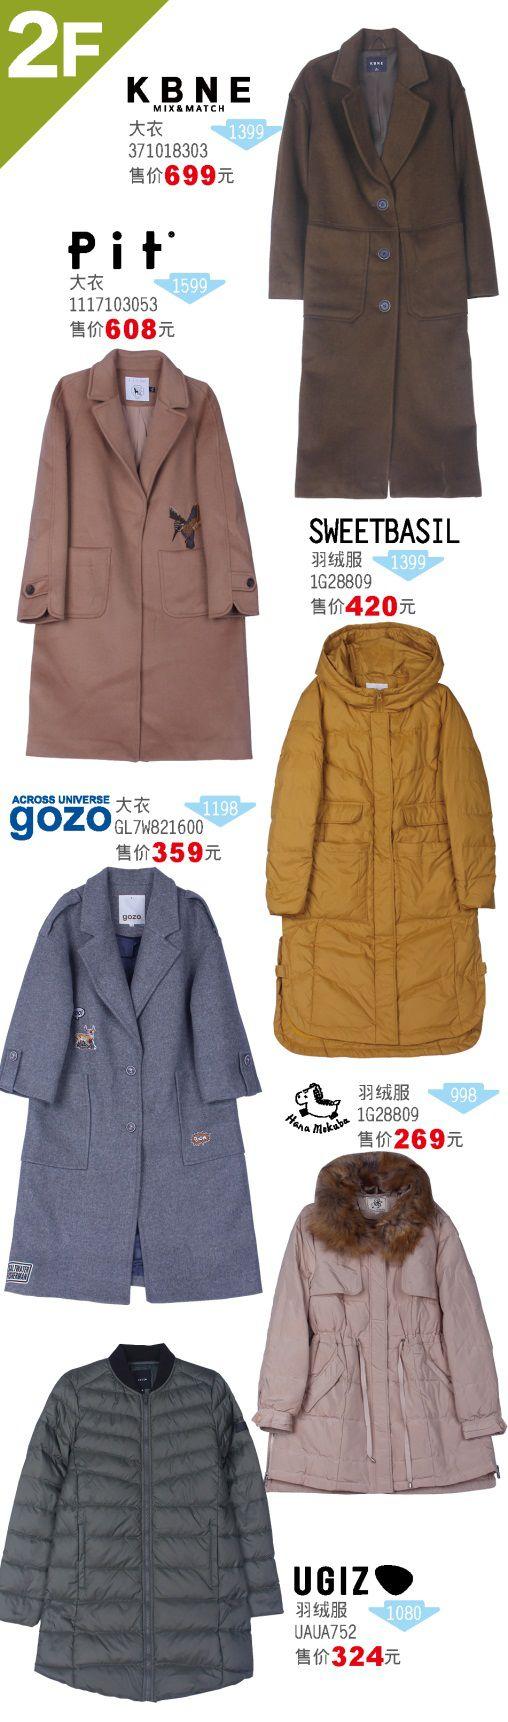 上海太平洋百货25周年庆折扣一览